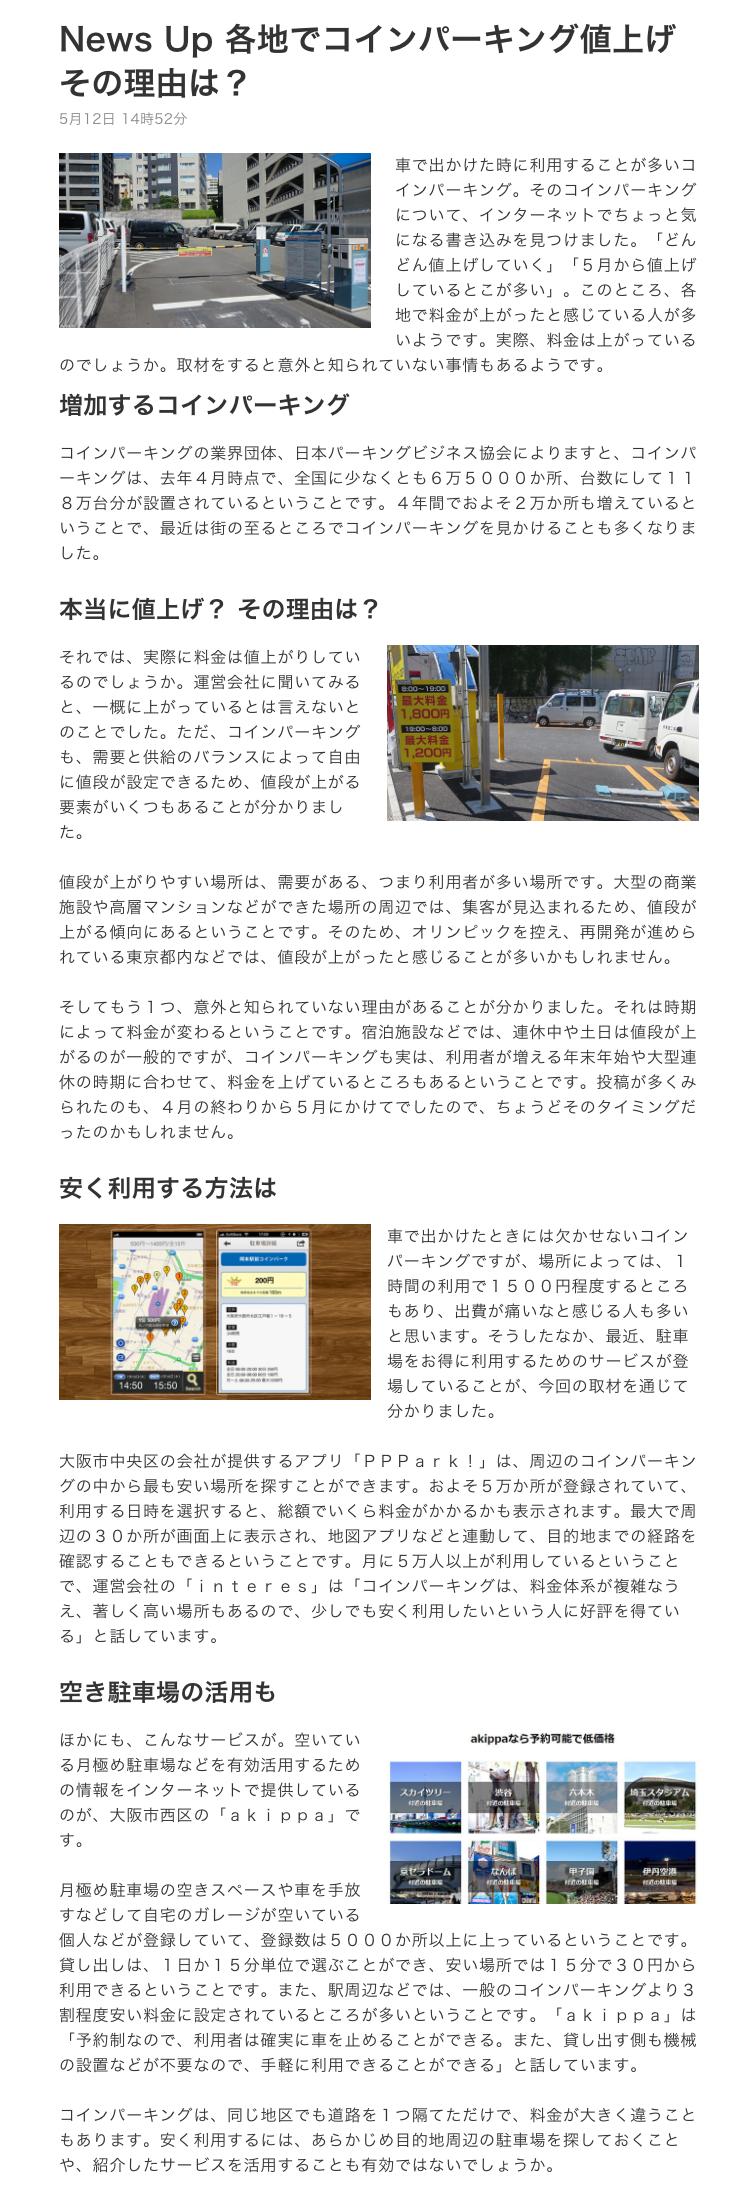 2016年5月12日 NHK NEWS WEB